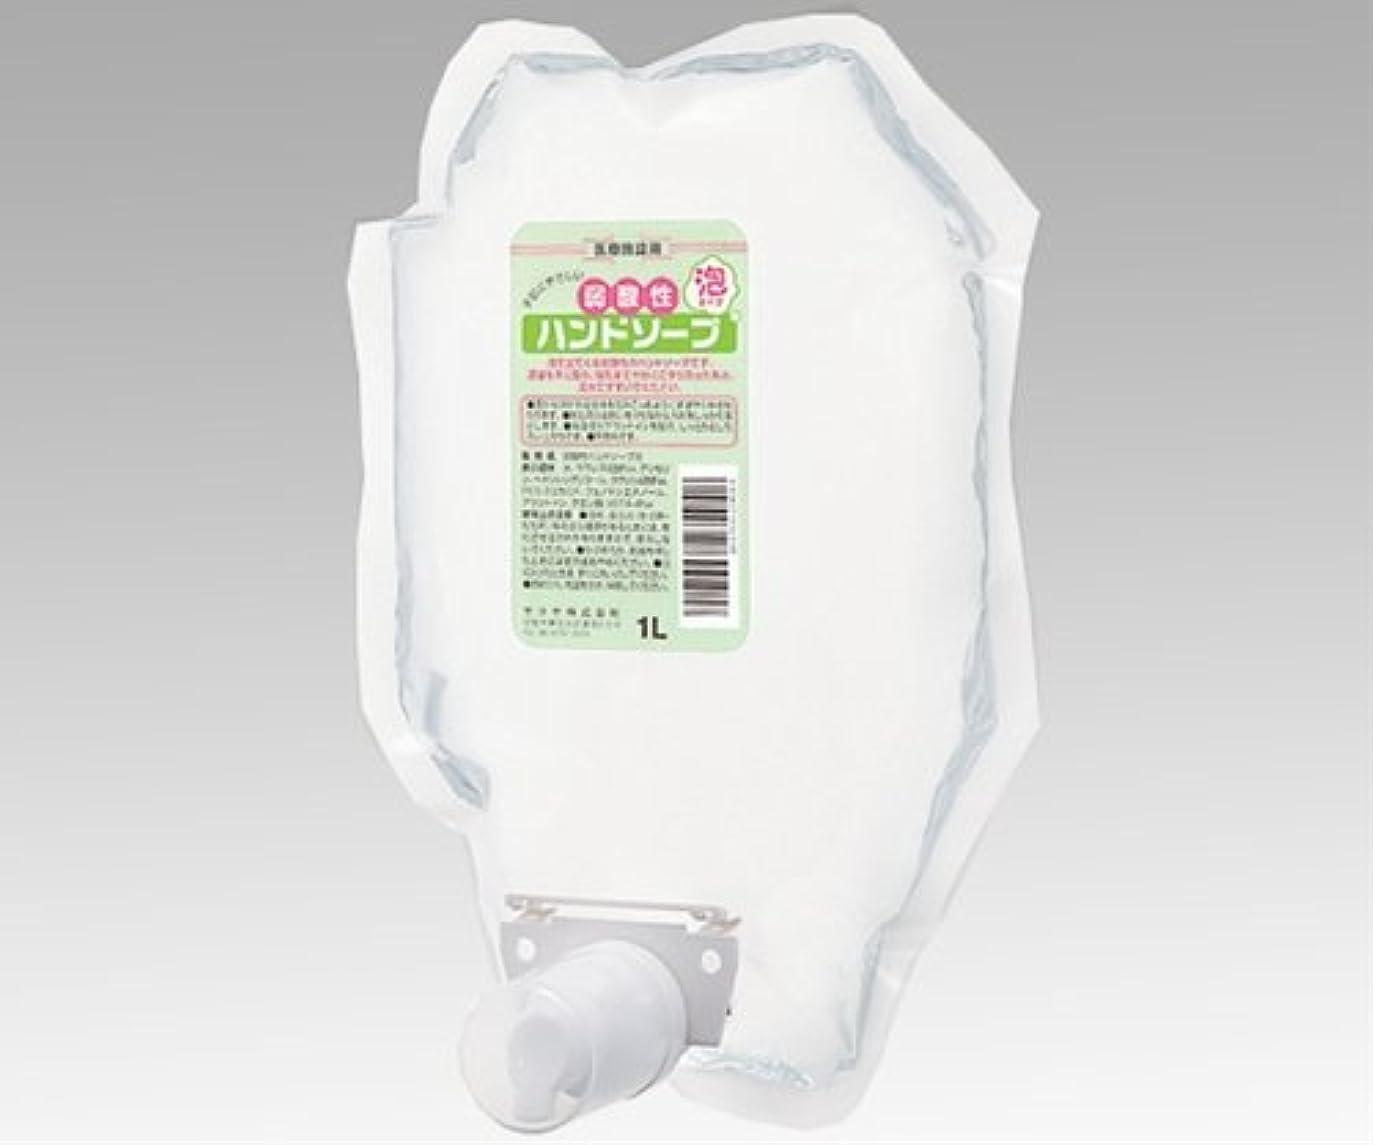 同化夫横サラヤ 弱酸性ハンドソープ 泡タイプ / 0-8762-07